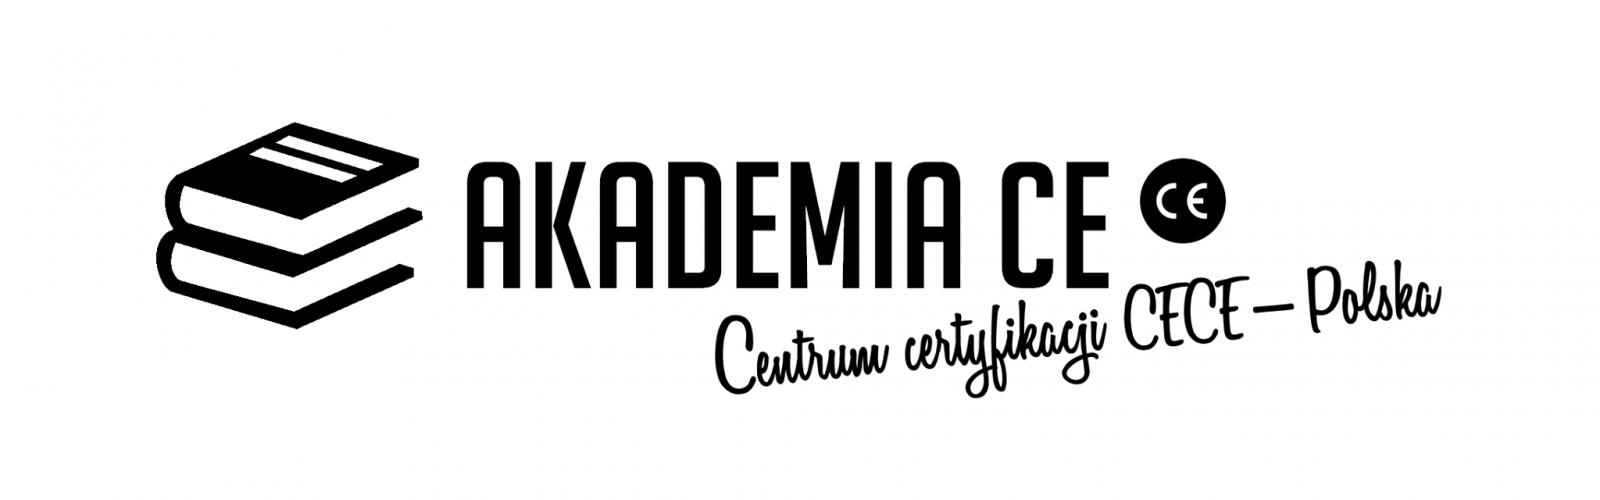 Akademia CE - znak CE